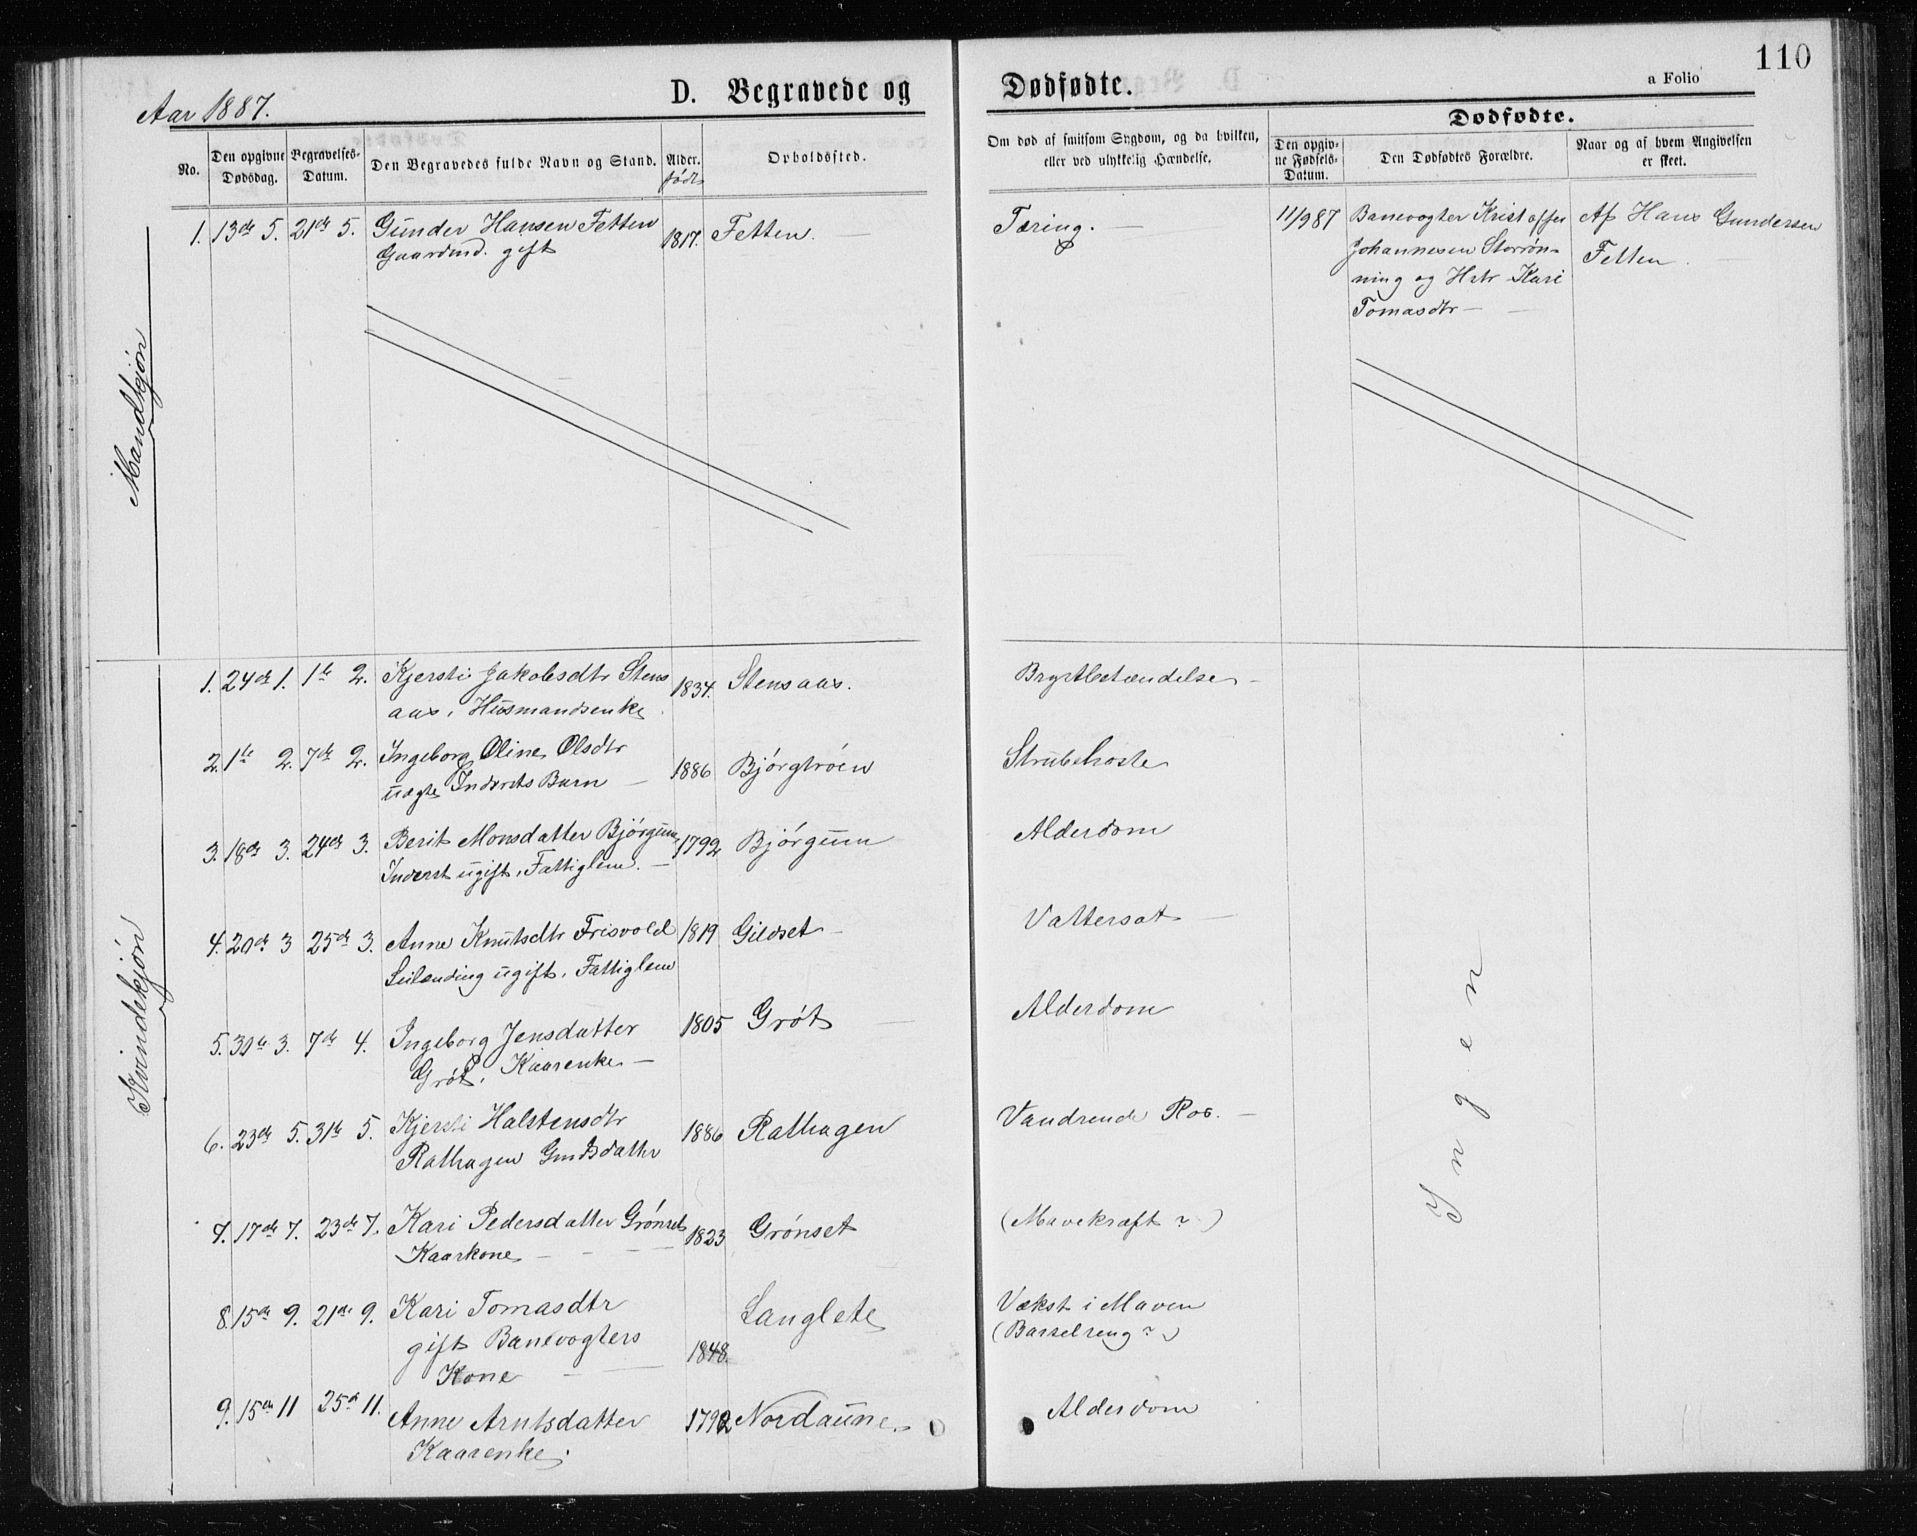 SAT, Ministerialprotokoller, klokkerbøker og fødselsregistre - Sør-Trøndelag, 685/L0977: Klokkerbok nr. 685C02, 1879-1890, s. 110